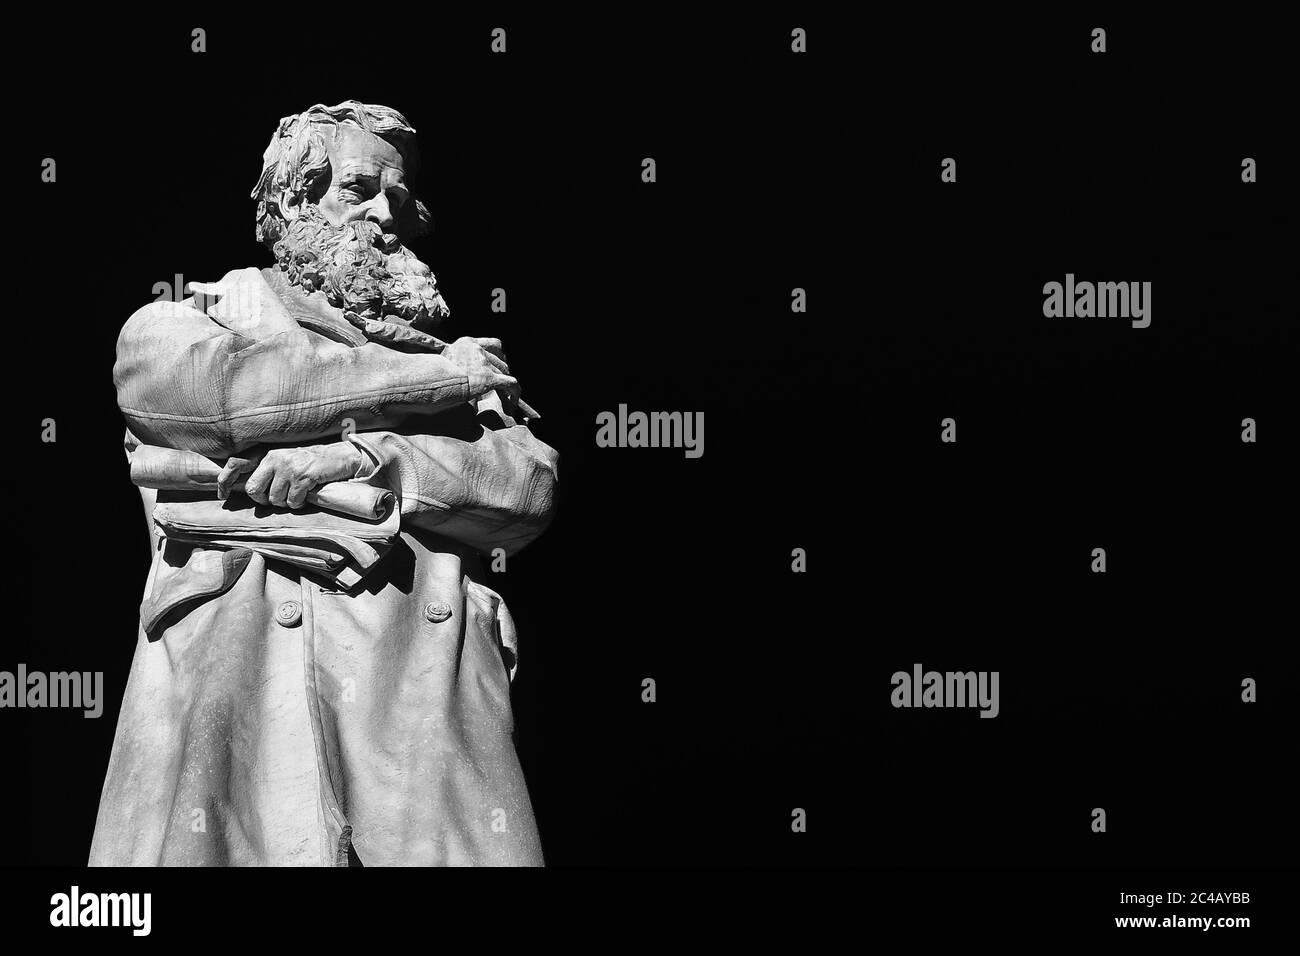 Hombre intelectual y sabio. Estatua de mármol de Niccolo Tommaseo erigida en 1882 en el centro de Venecia Santo Stefano plaza (Negro y Blanco con copia s Foto de stock